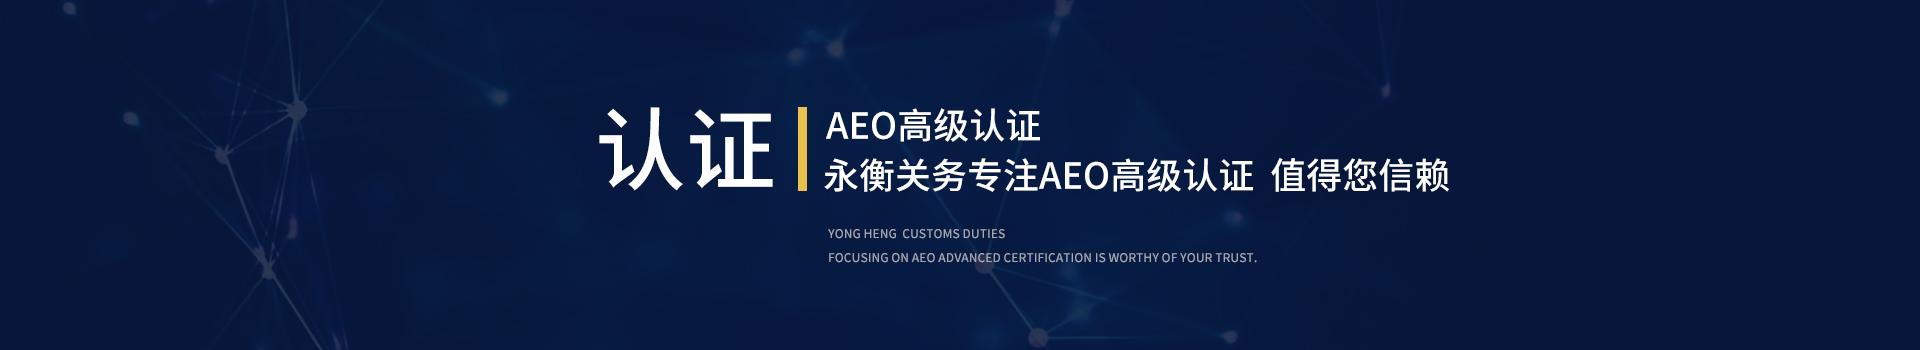 永衡关务专注AEO高级认证,值得您信赖